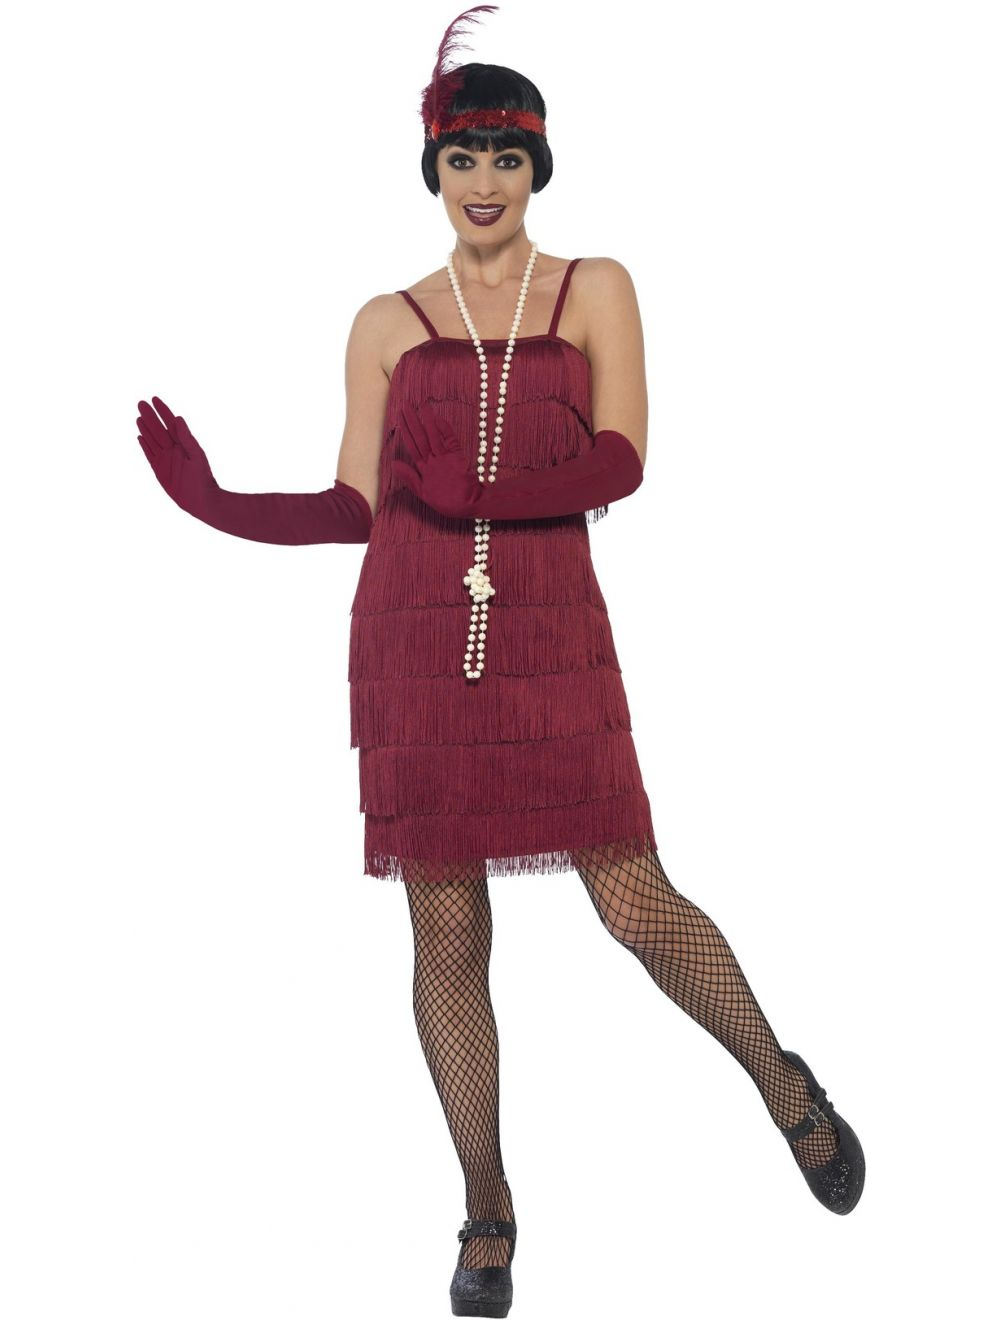 5574d08cd0612 Adult Short Burgundy Flapper Costume - 44675 - Fancy Dress Ball